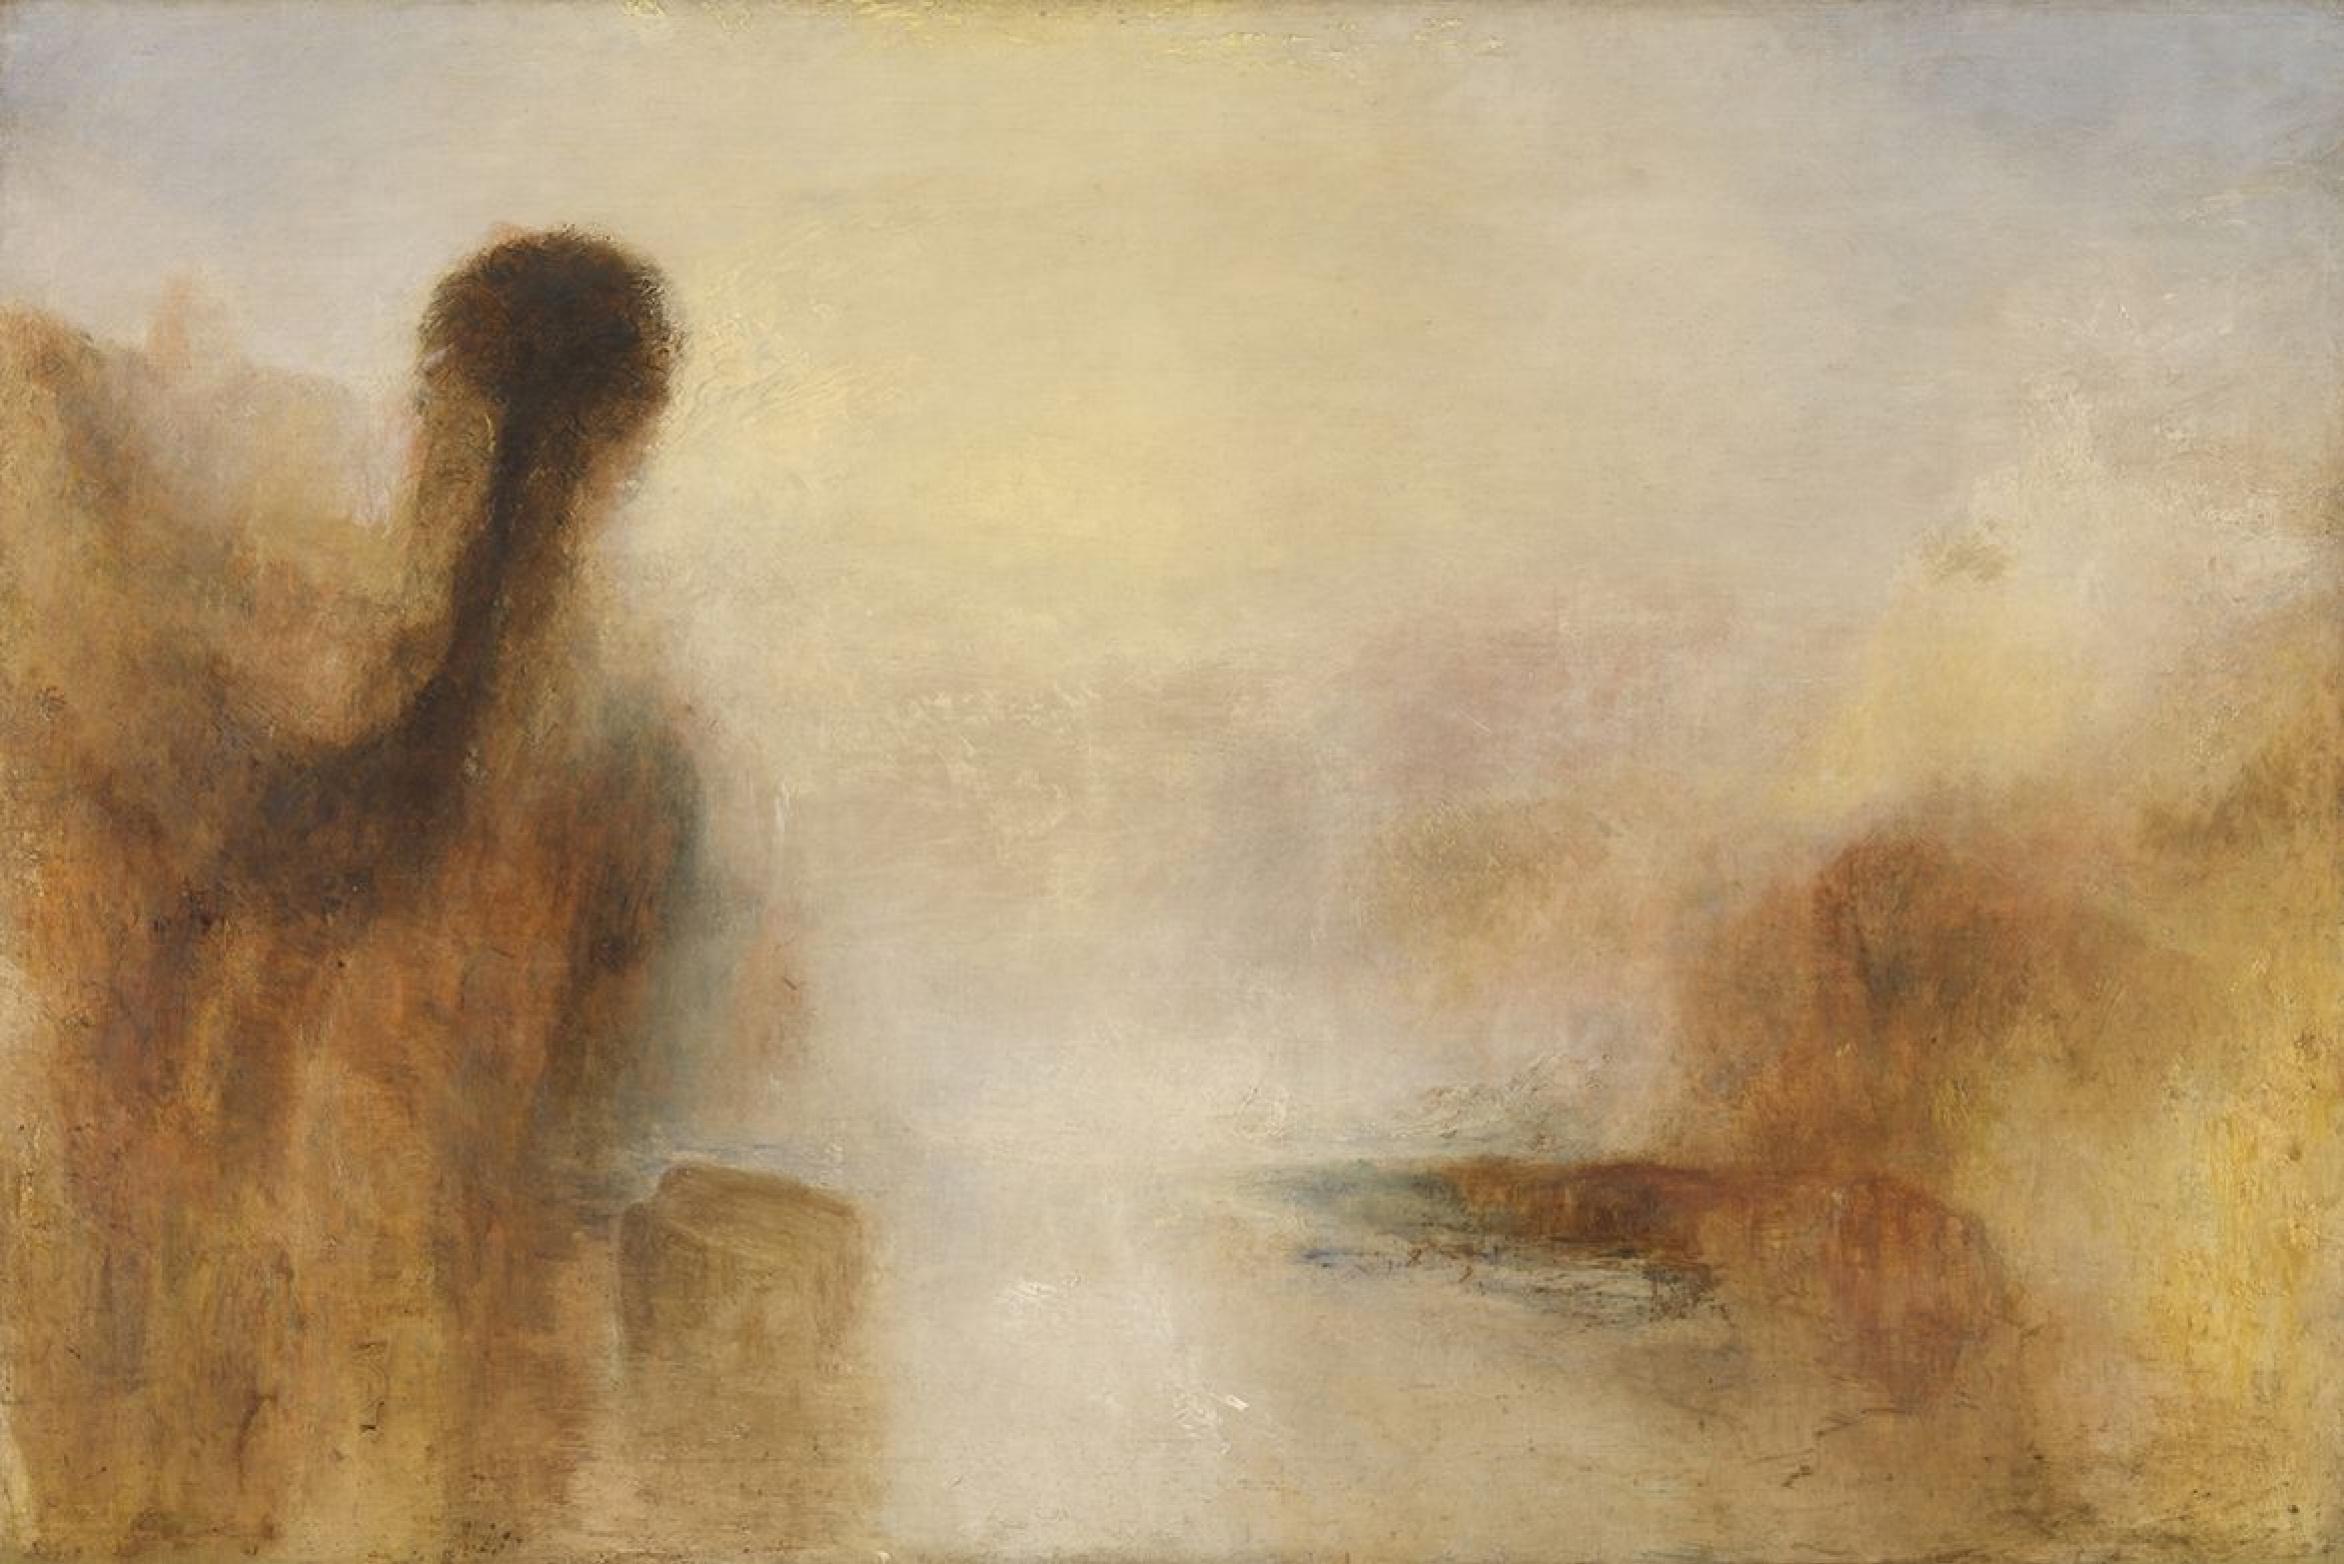 Джозеф Мэллорд Уильям Тёрнер. Пейзаж с водой